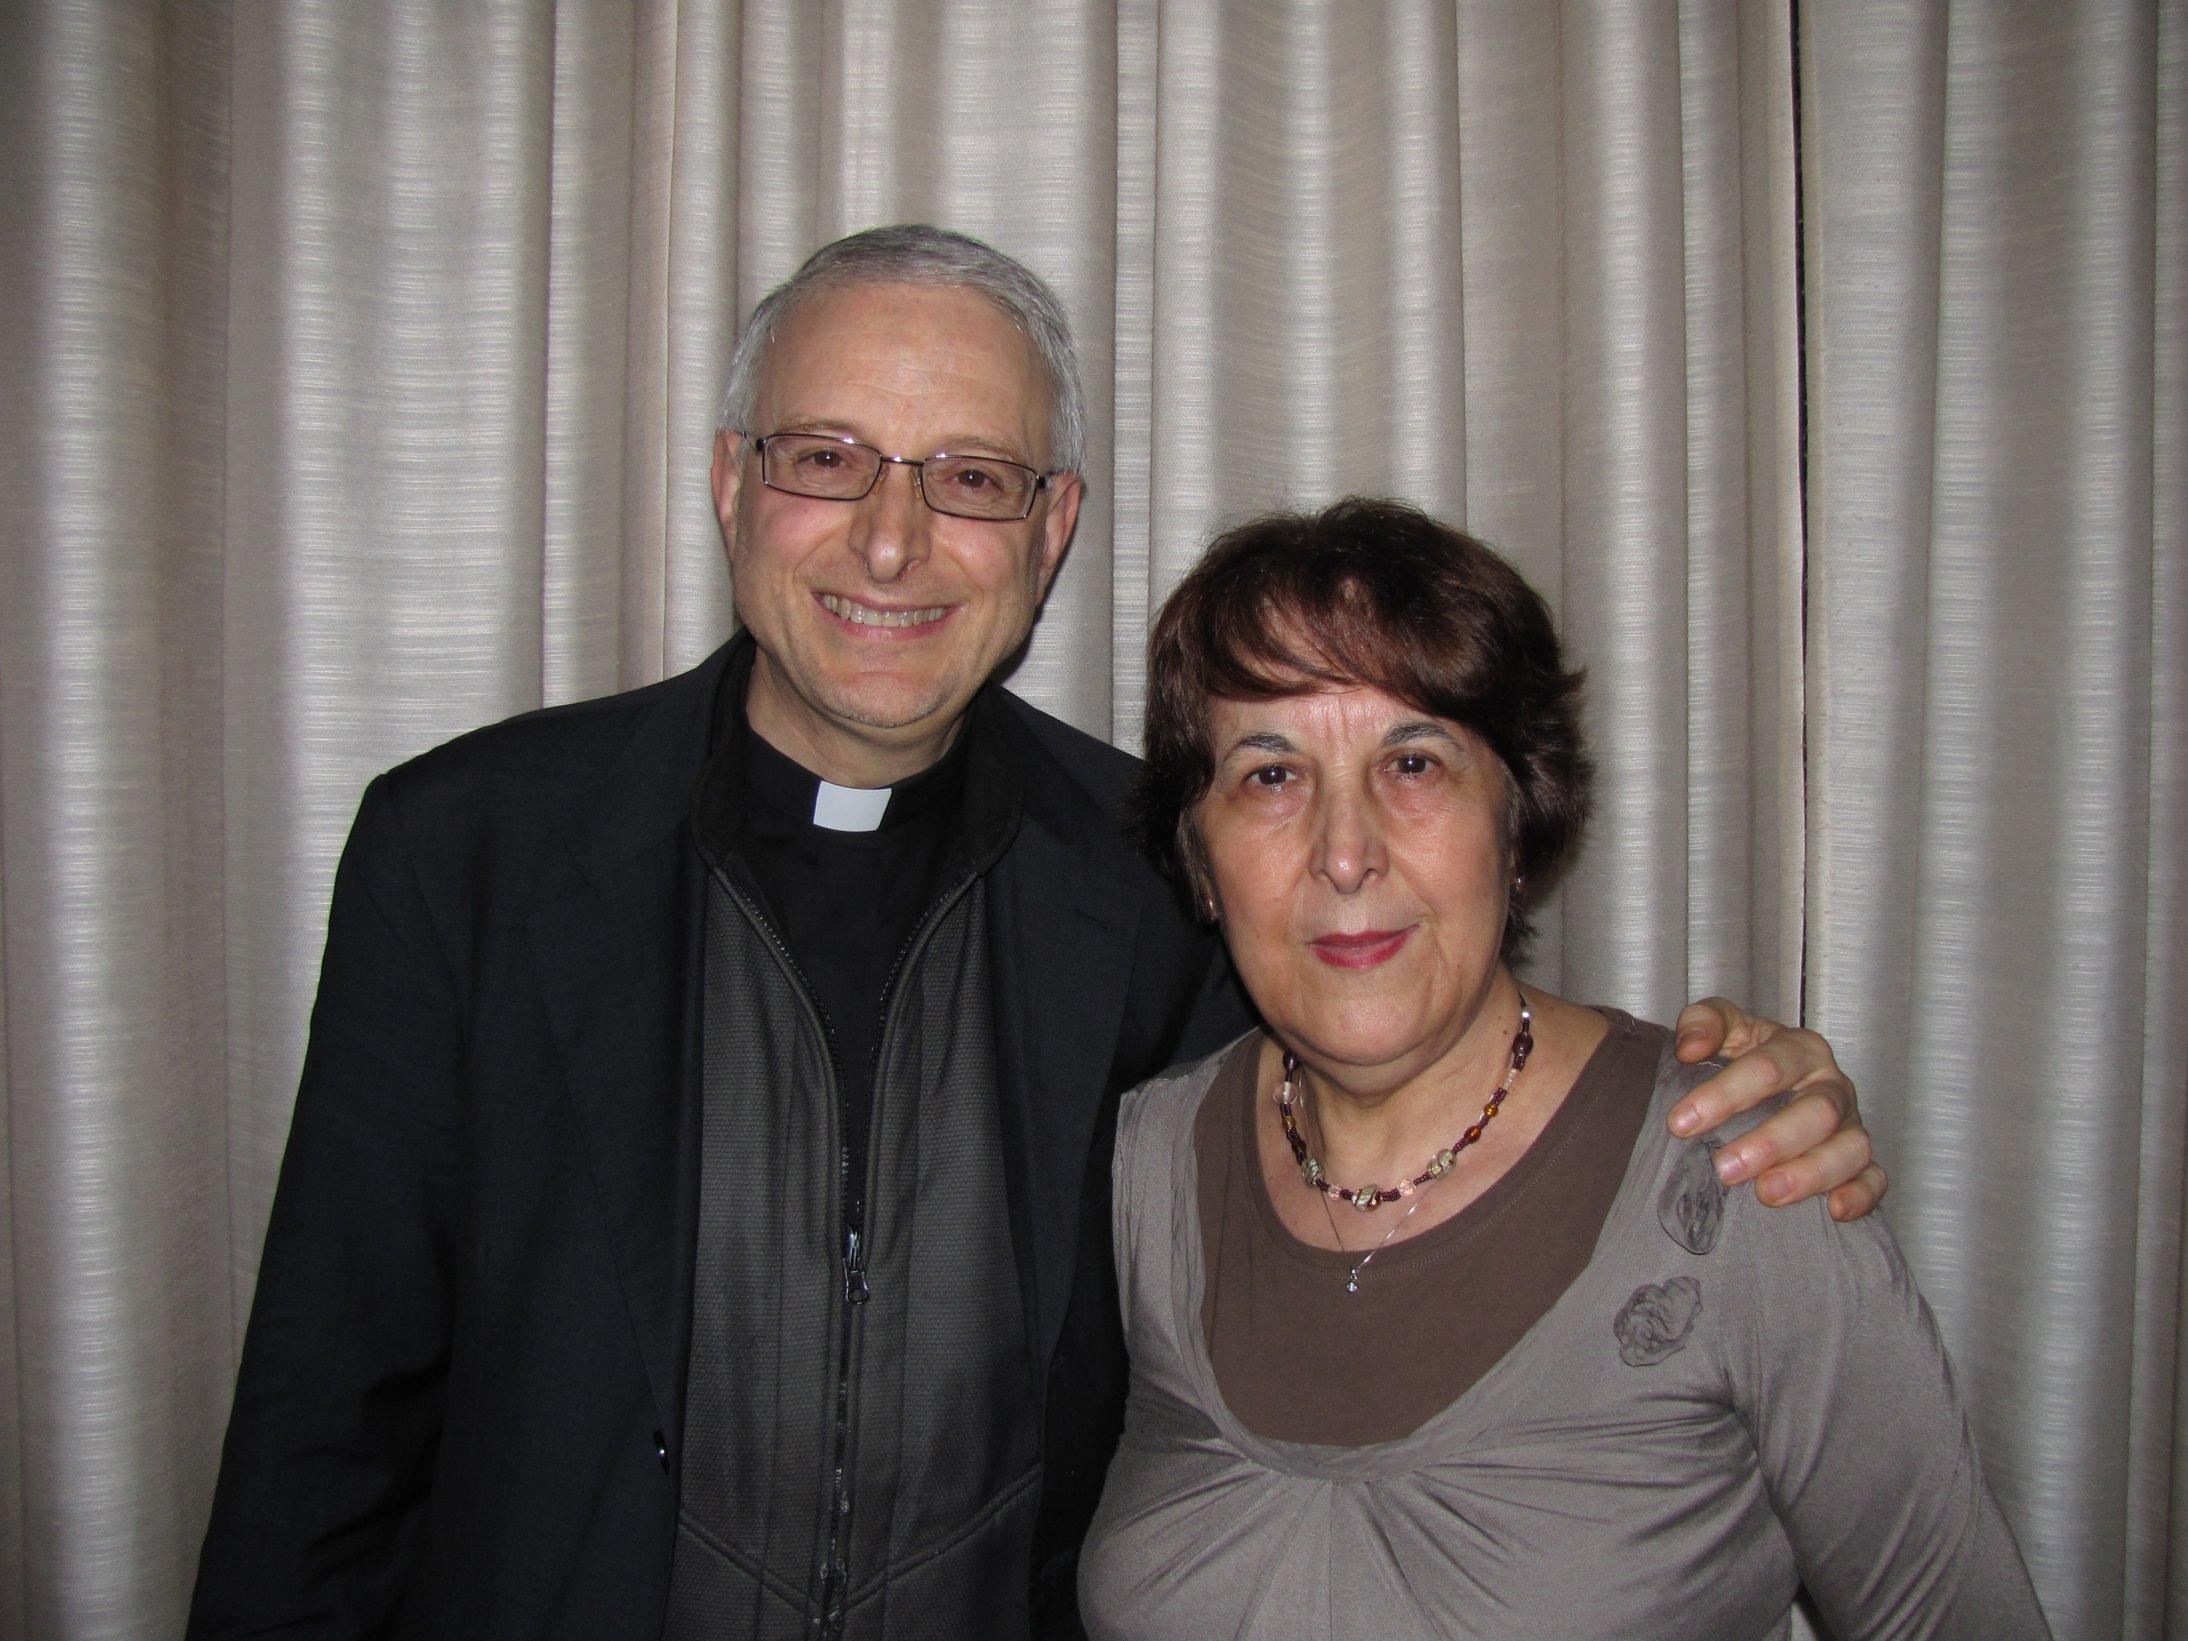 chiusura_anno_catechiste_2013-06-14-20-55-29